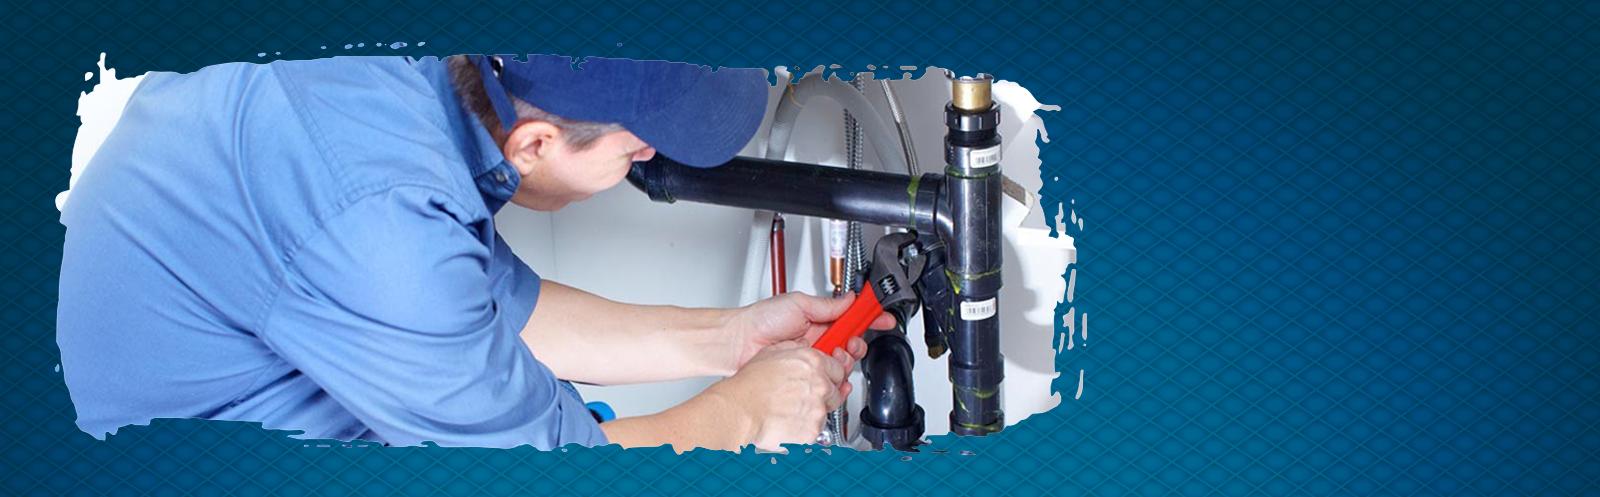 General Plumbing | Leaking Taps, Sinks, Burst Pipes